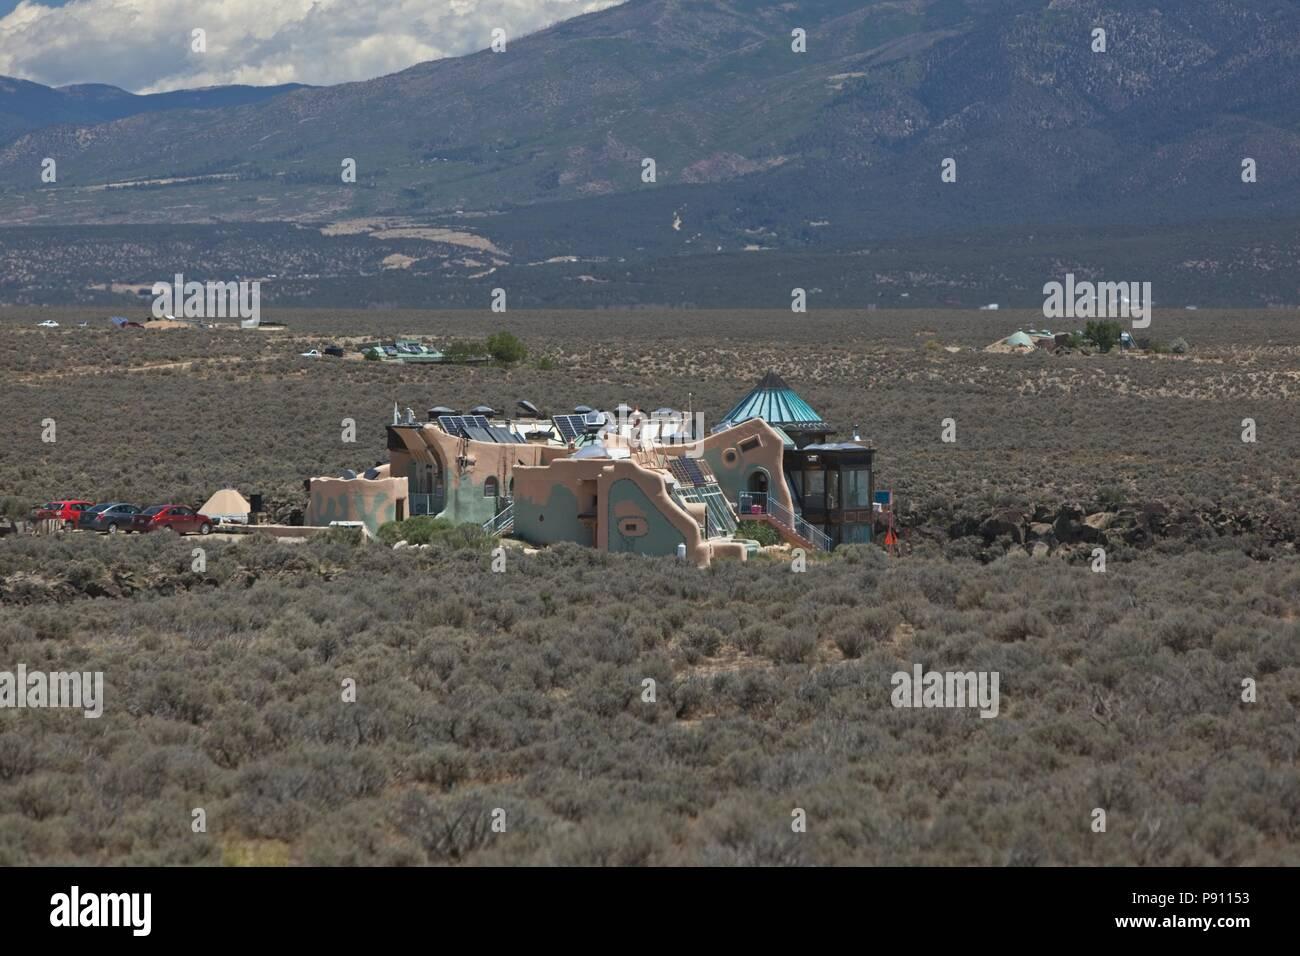 Innovative e sostenere l'alloggiamento earthship trovato alla periferia di Taos New Mexico. Case utilizza materiali riciclati e materiali sostenibili e fare affidamento su p Immagini Stock